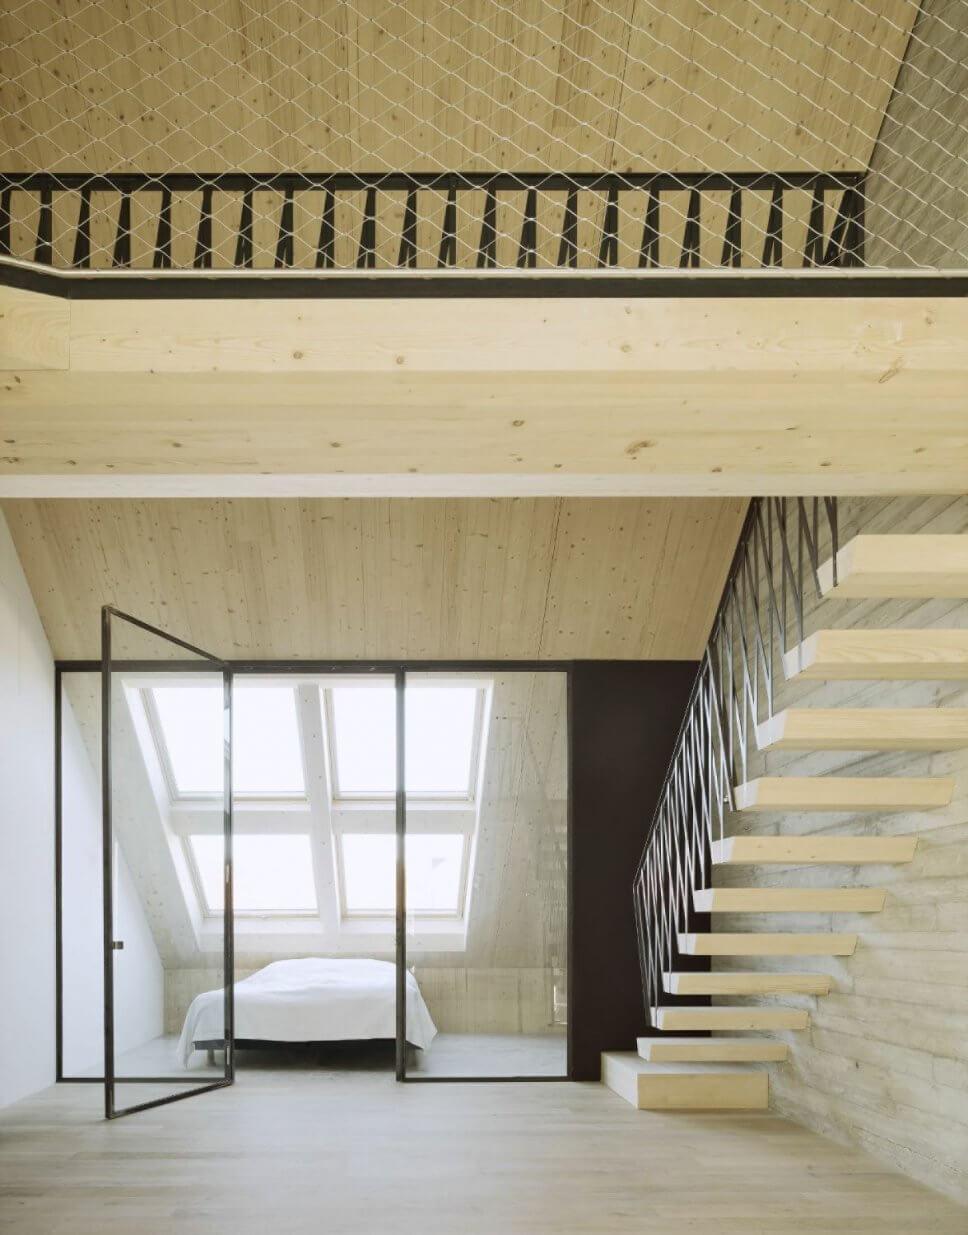 Modernes Schlafzimmer im Dachgeschoss mit Dachfenstern, Galerie, Holztreppe und Sichtbetonwand